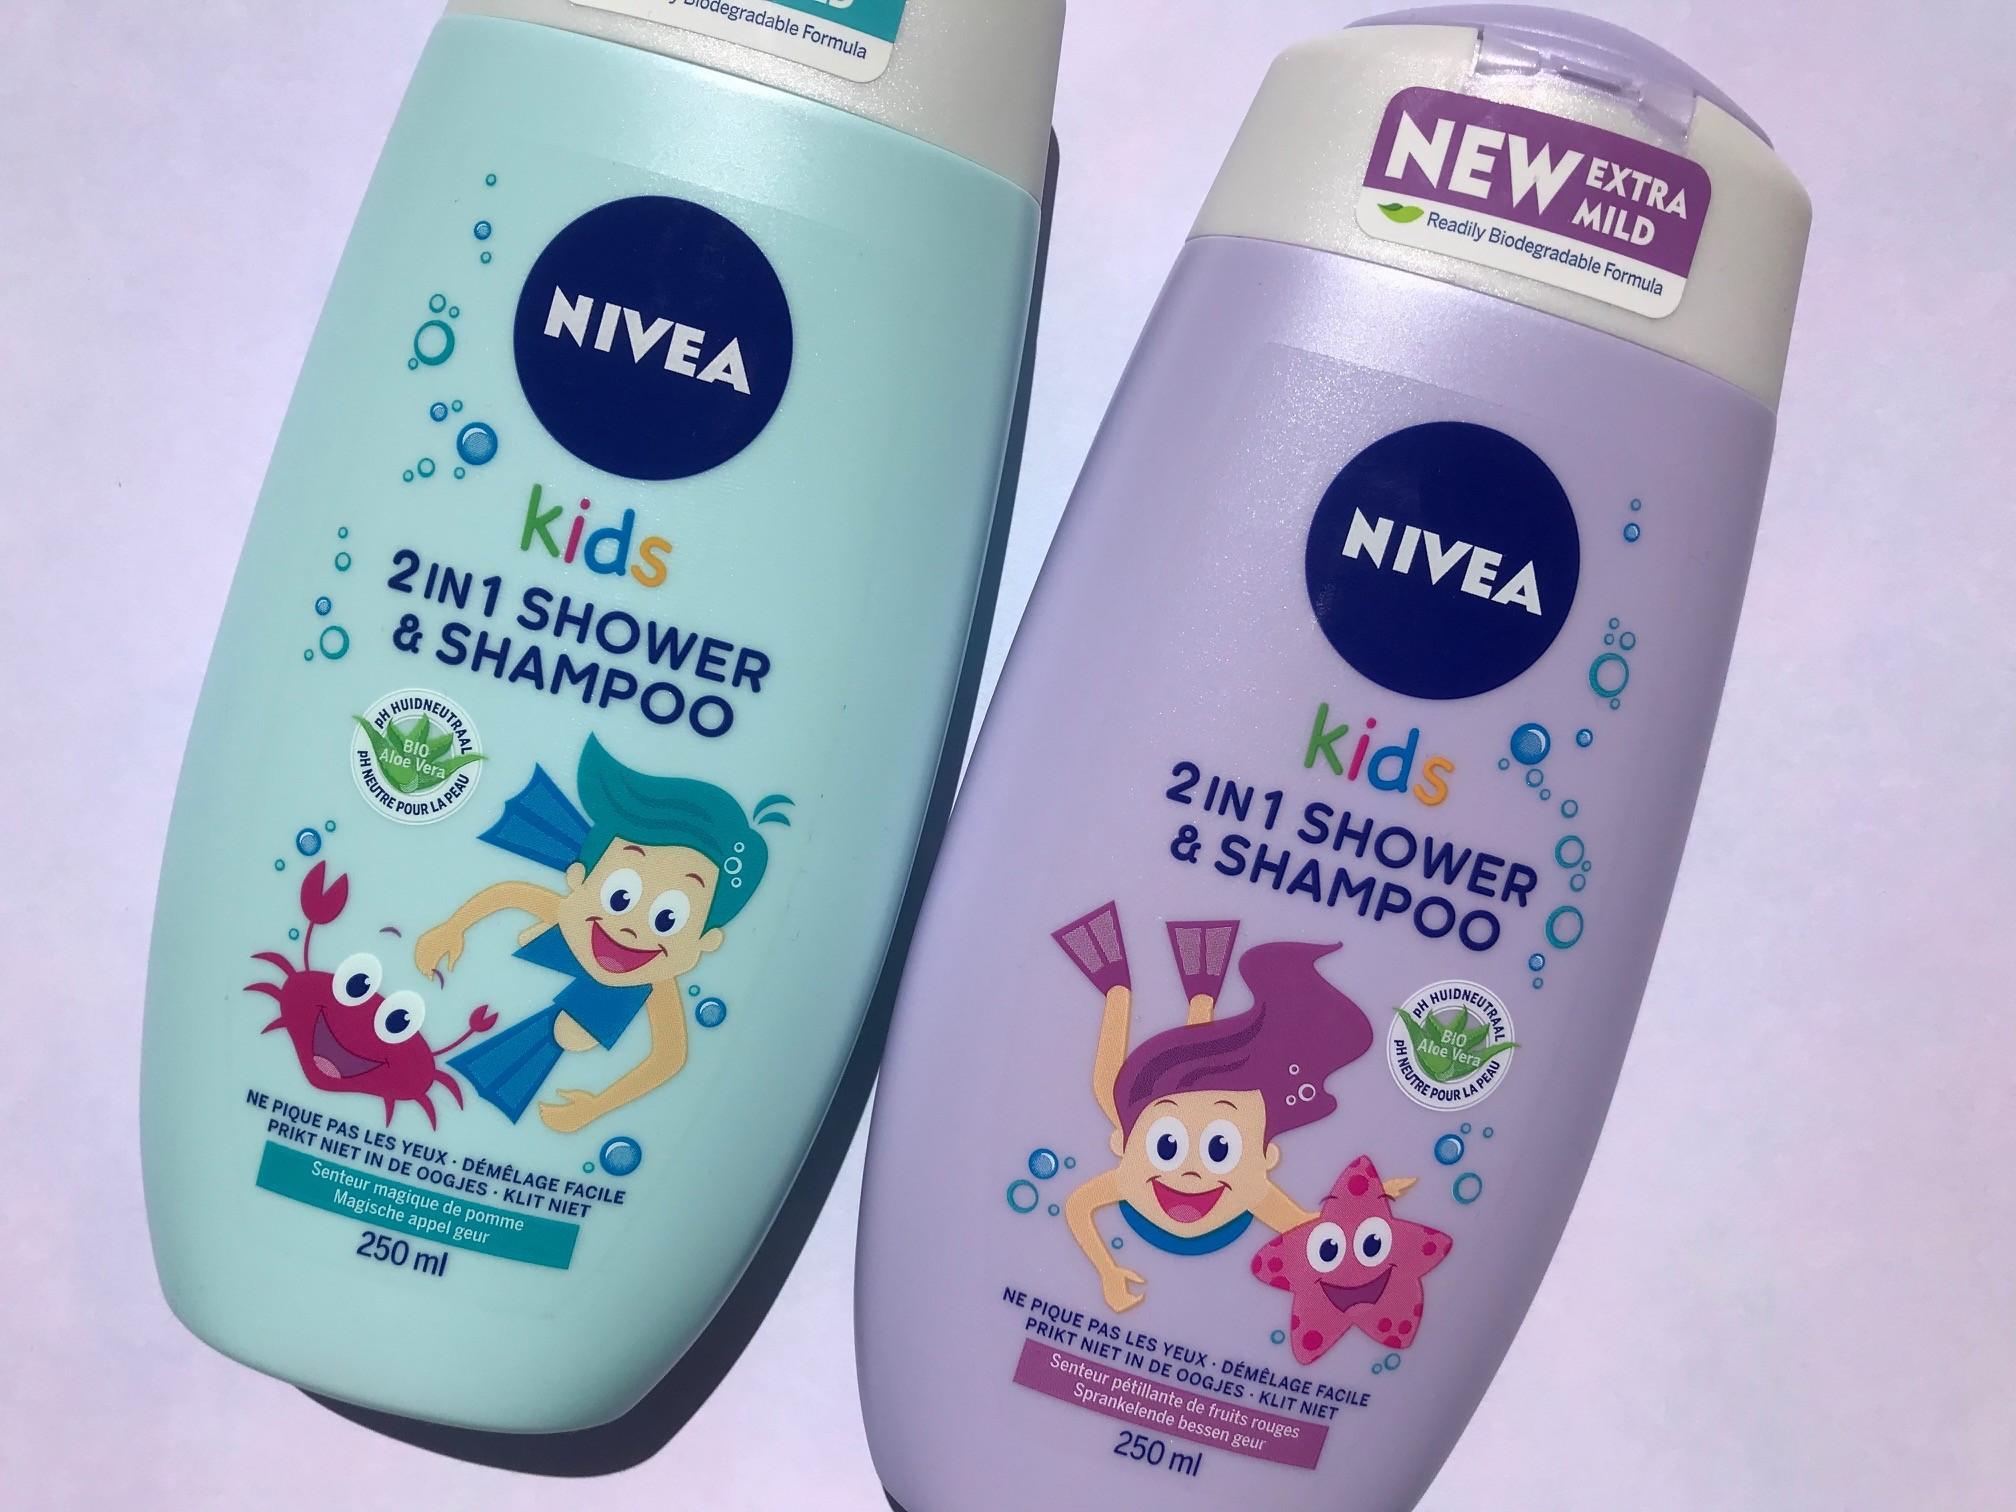 nivea kids 2-in-1 shower shampoo